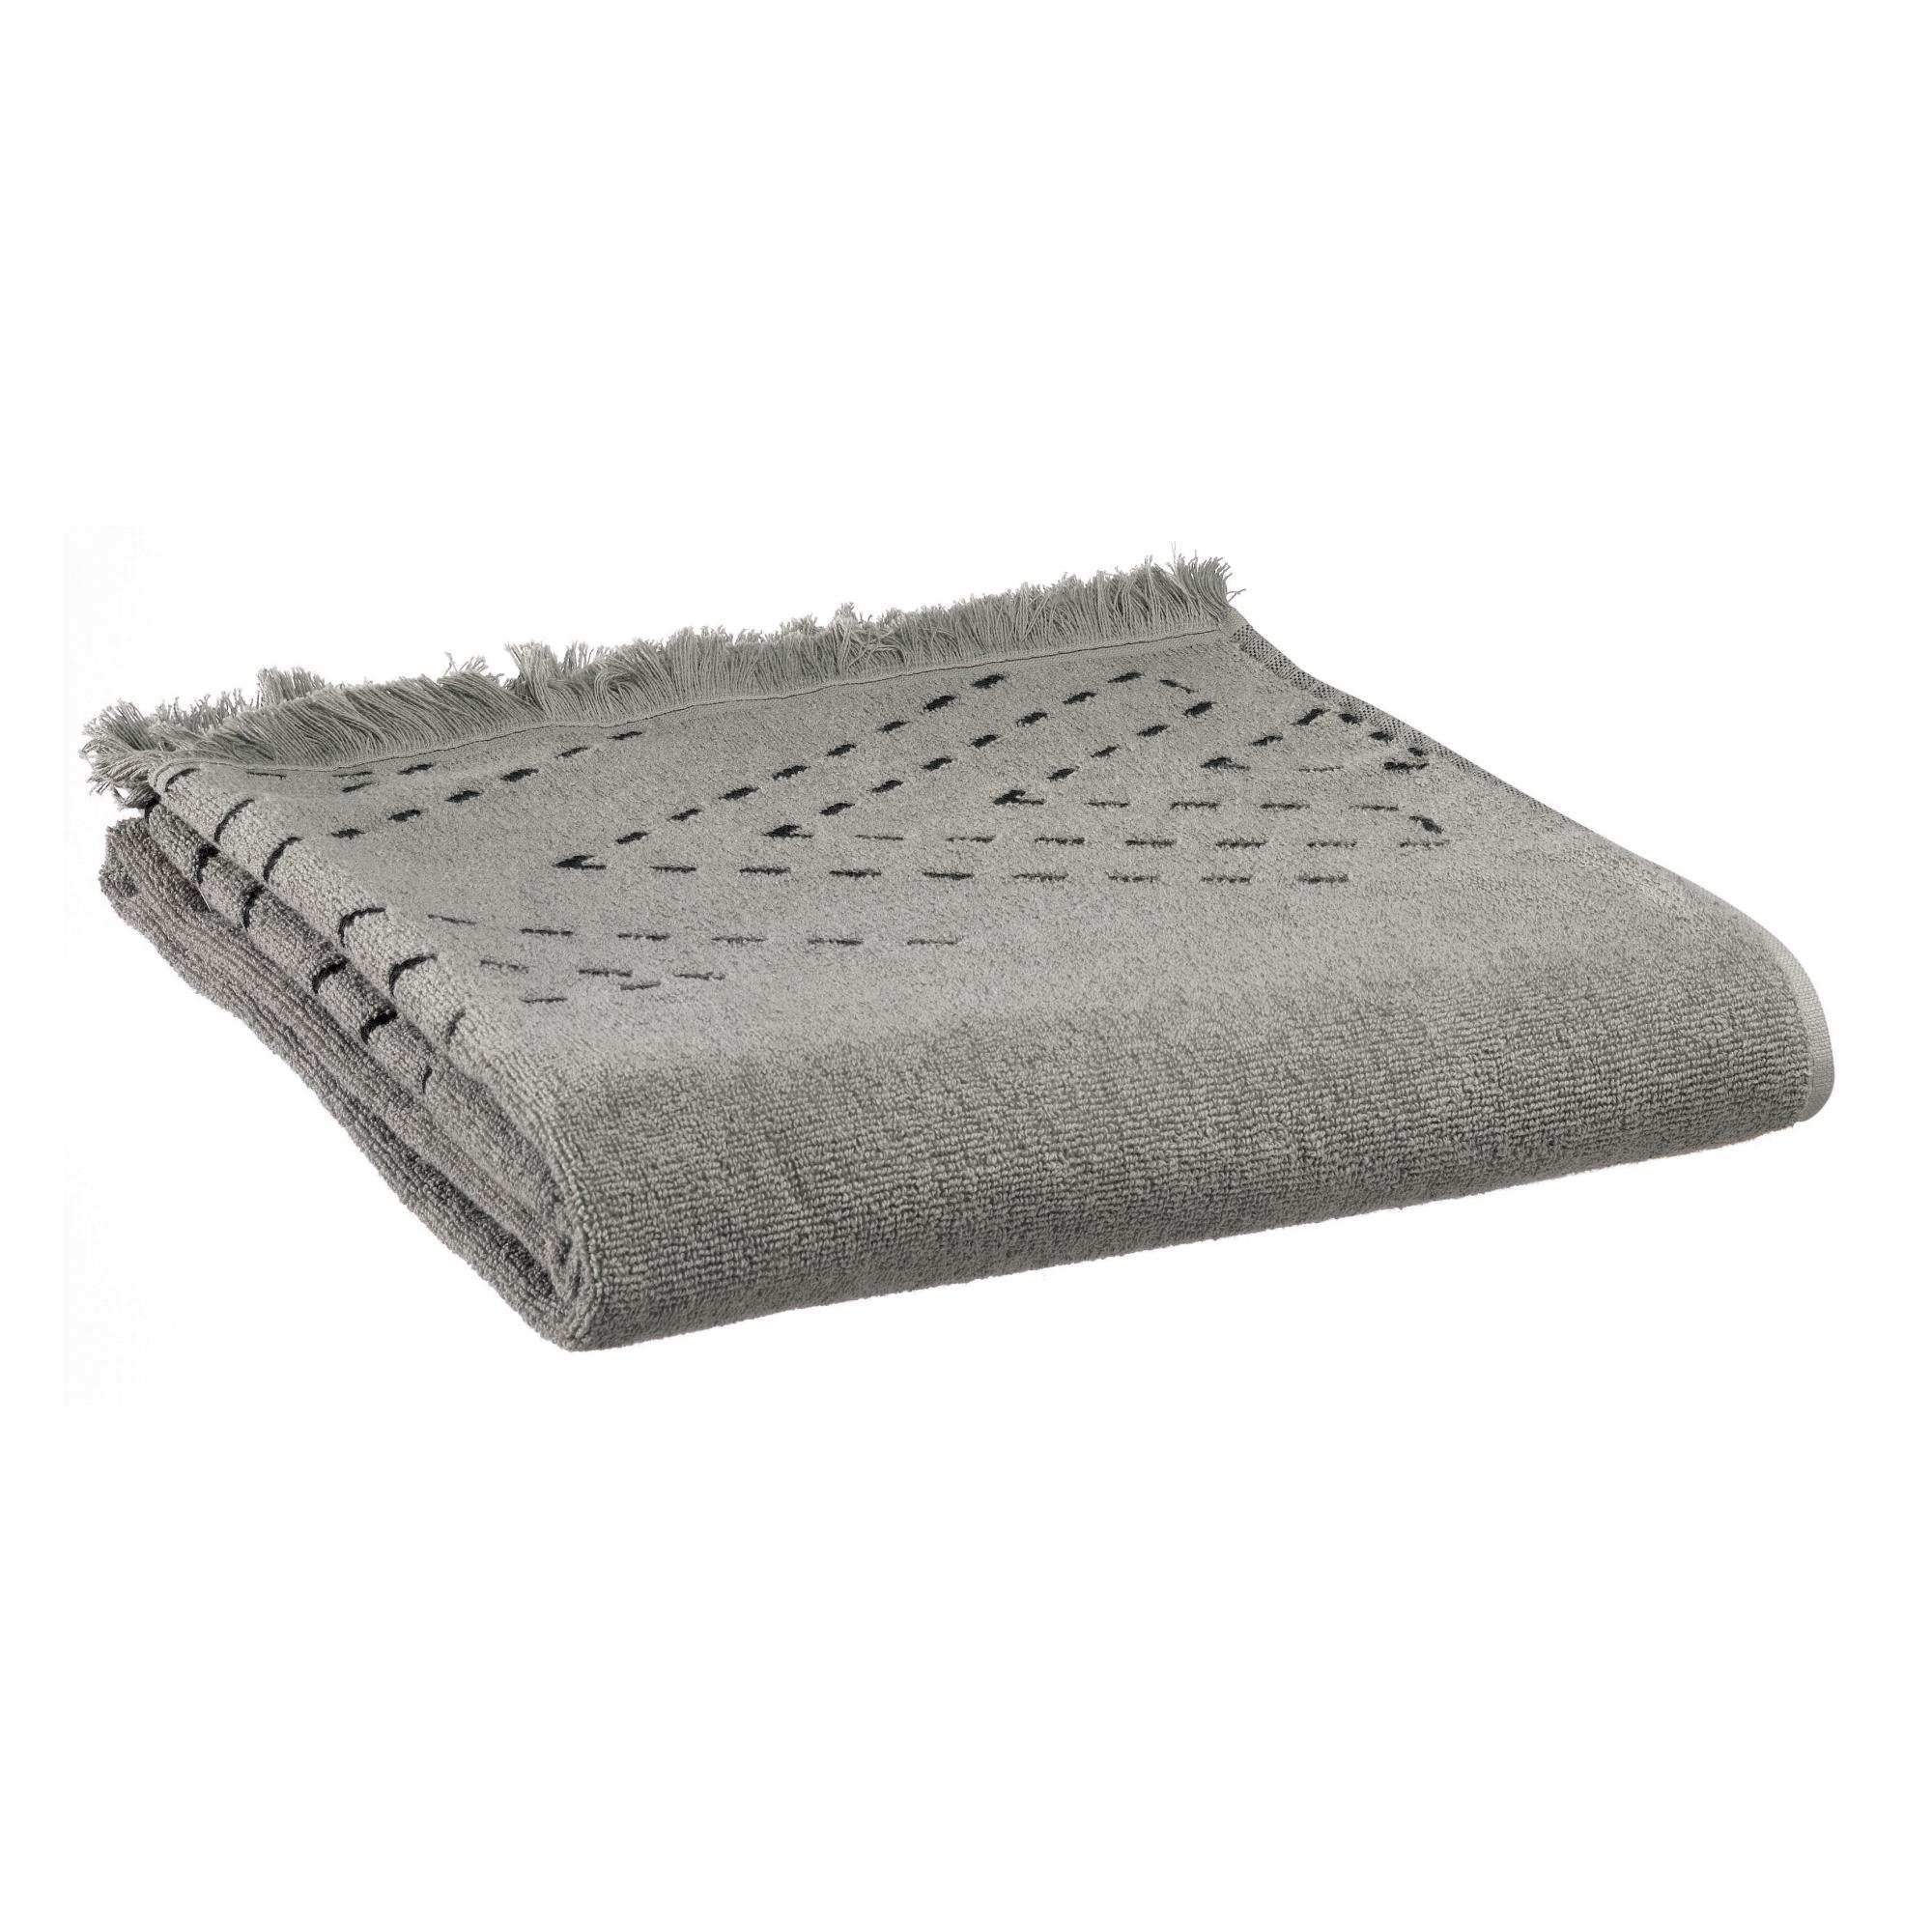 Drap de douche en coton gris 70 x 140